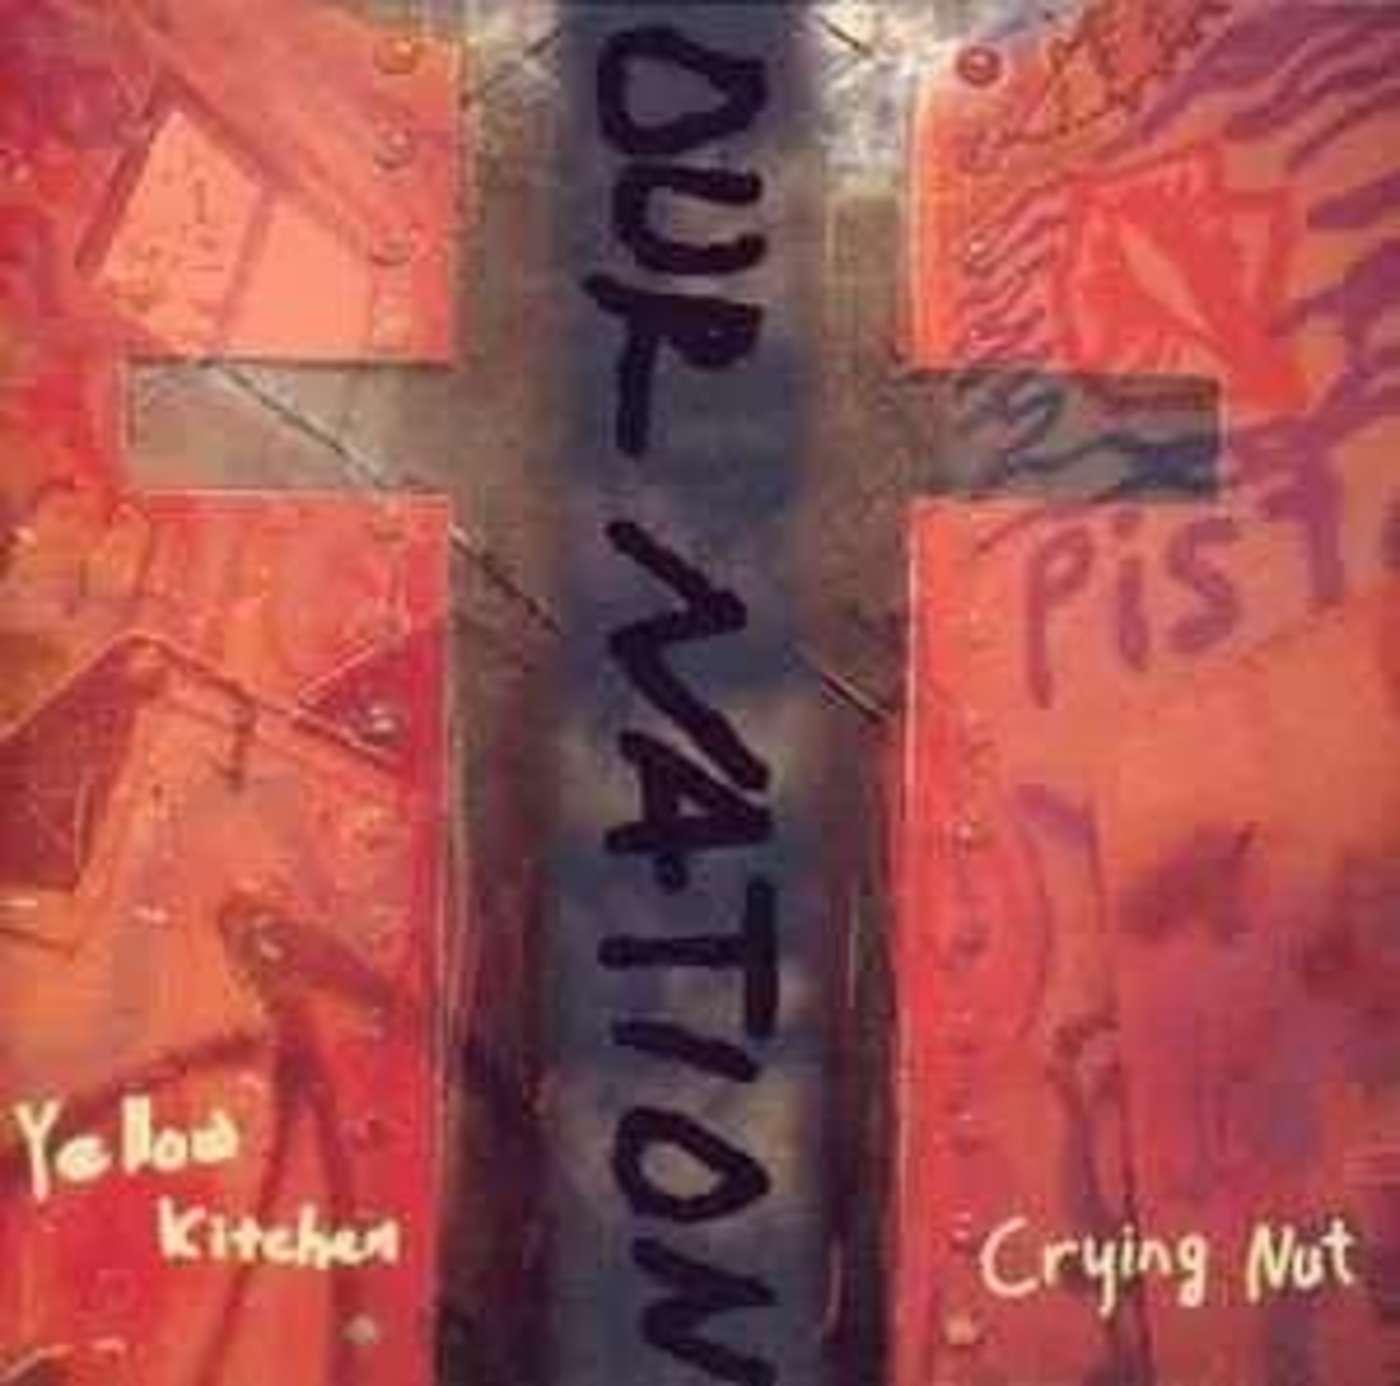 韩国第一张独立音乐专辑(图源Discogs)